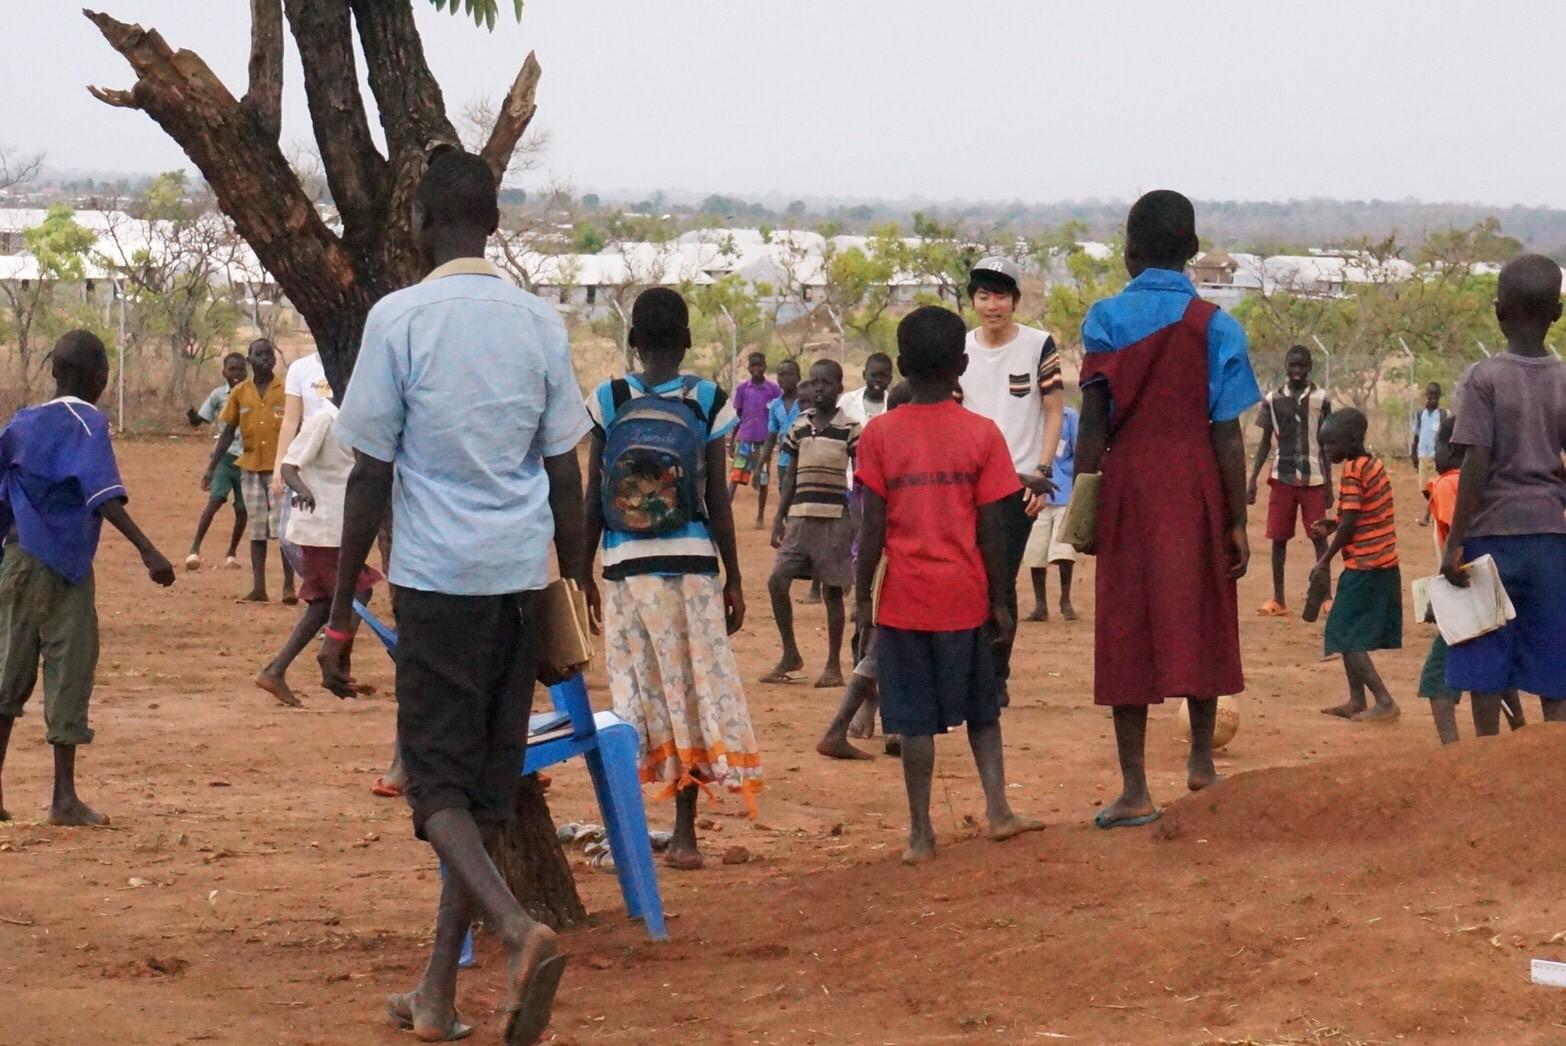 大学生がウガンダ北部の「南スーダン難民居住区」を訪れ、悲惨な状況を目の当たりにして